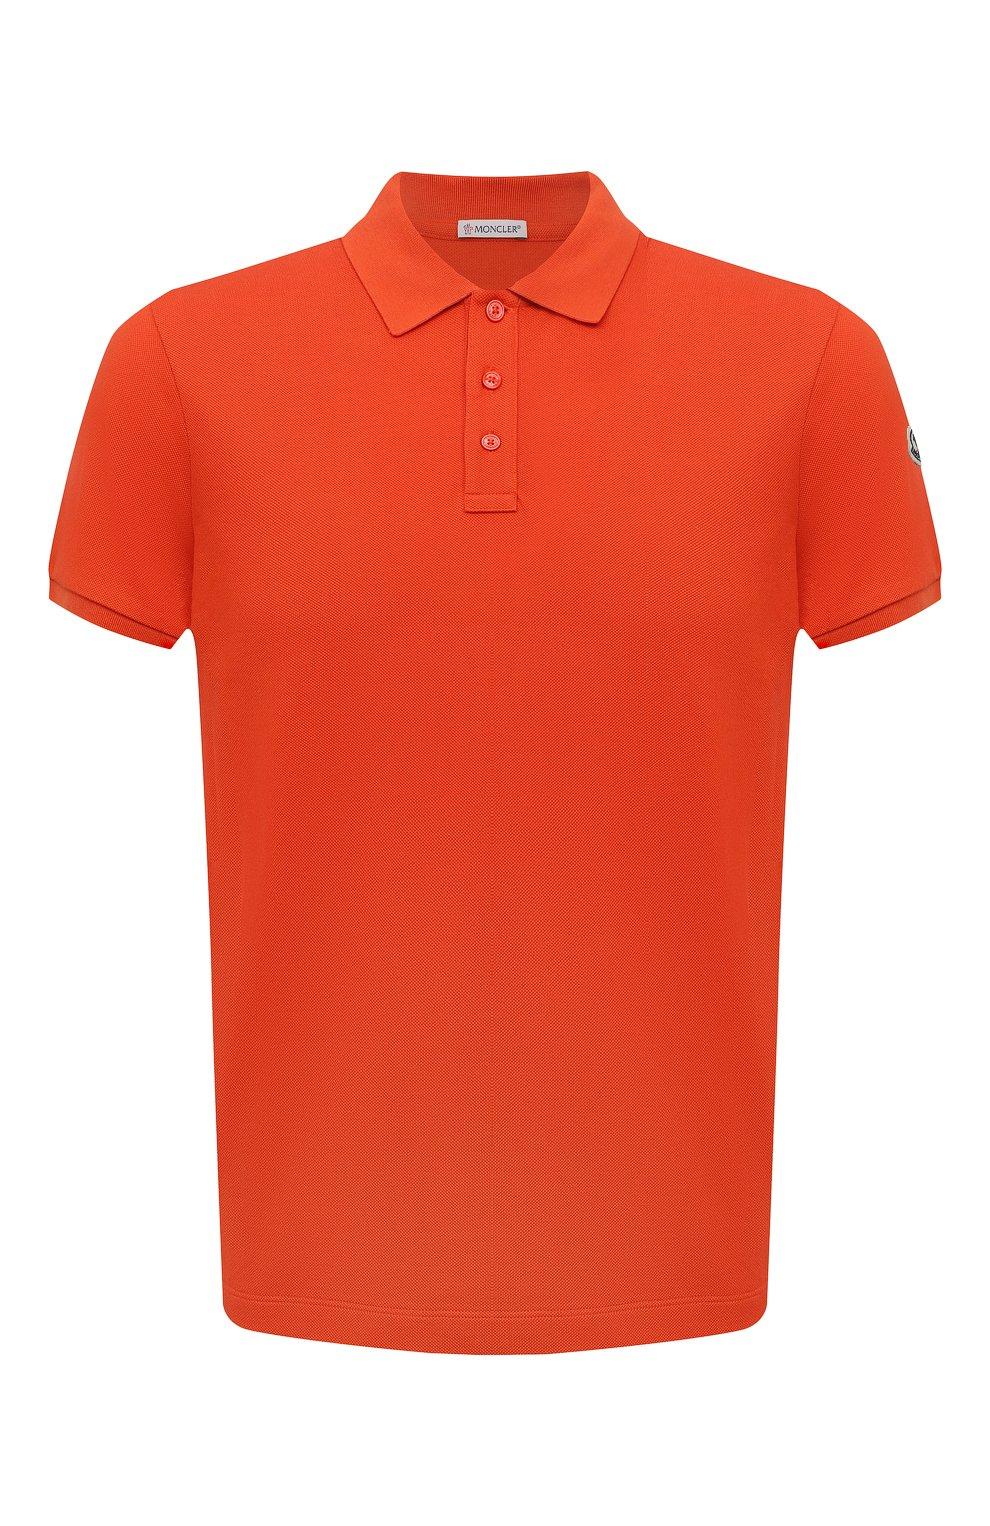 Мужское хлопковое поло MONCLER оранжевого цвета, арт. G2-091-8A705-10-84556 | Фото 1 (Застежка: Пуговицы; Рукава: Короткие; Длина (для топов): Стандартные; Кросс-КТ: Трикотаж; Материал внешний: Хлопок; Стили: Кэжуэл)